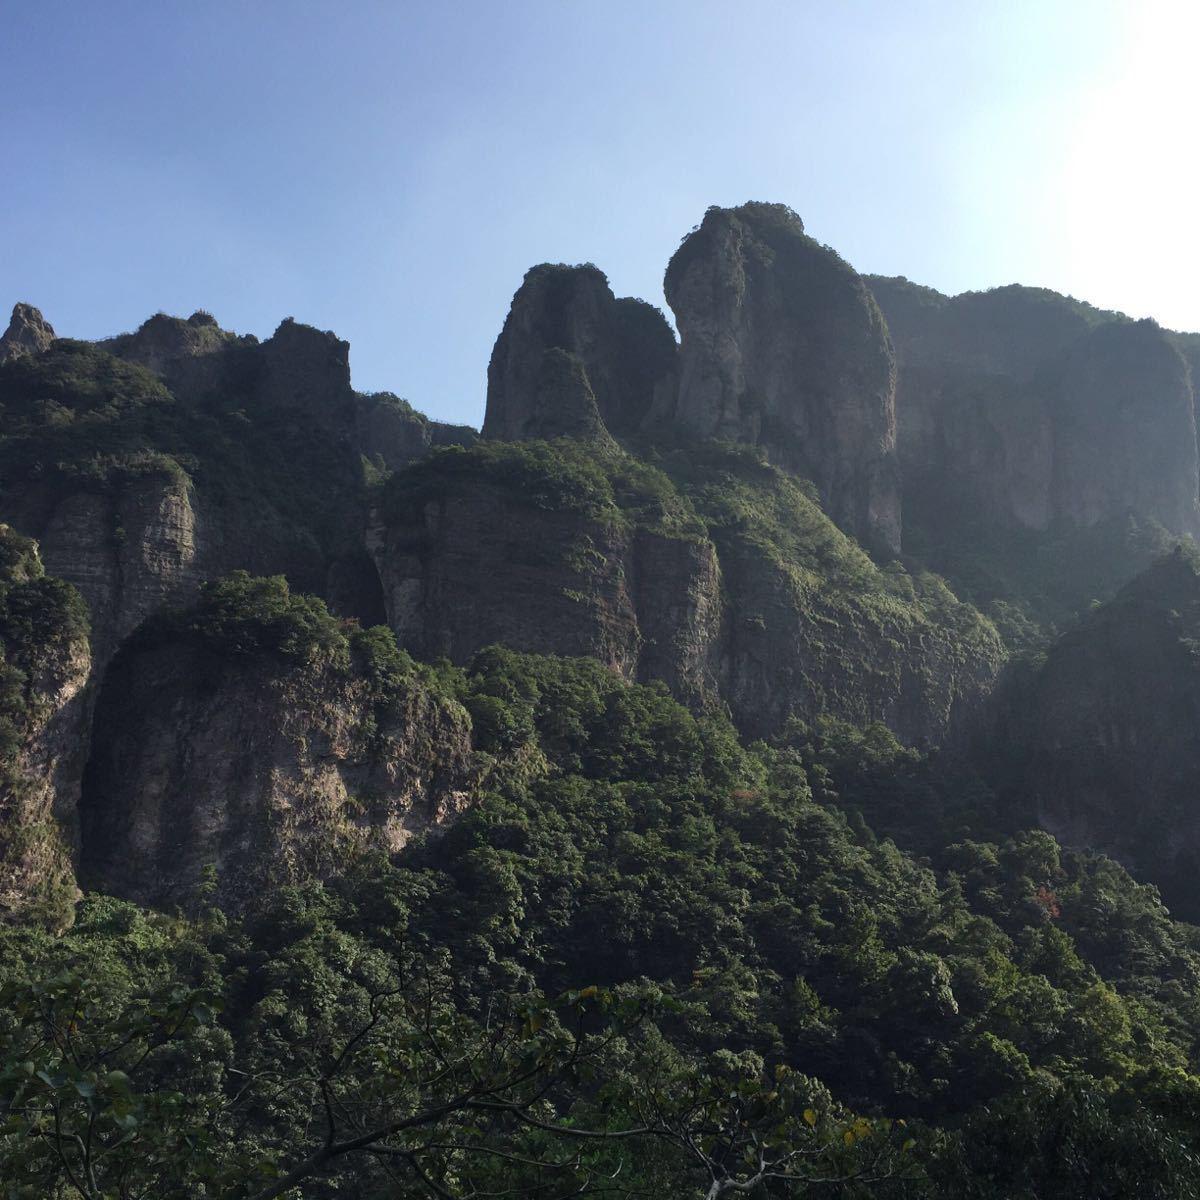 【携程攻略】浙江温州乐清雁荡山灵岩景区好玩吗